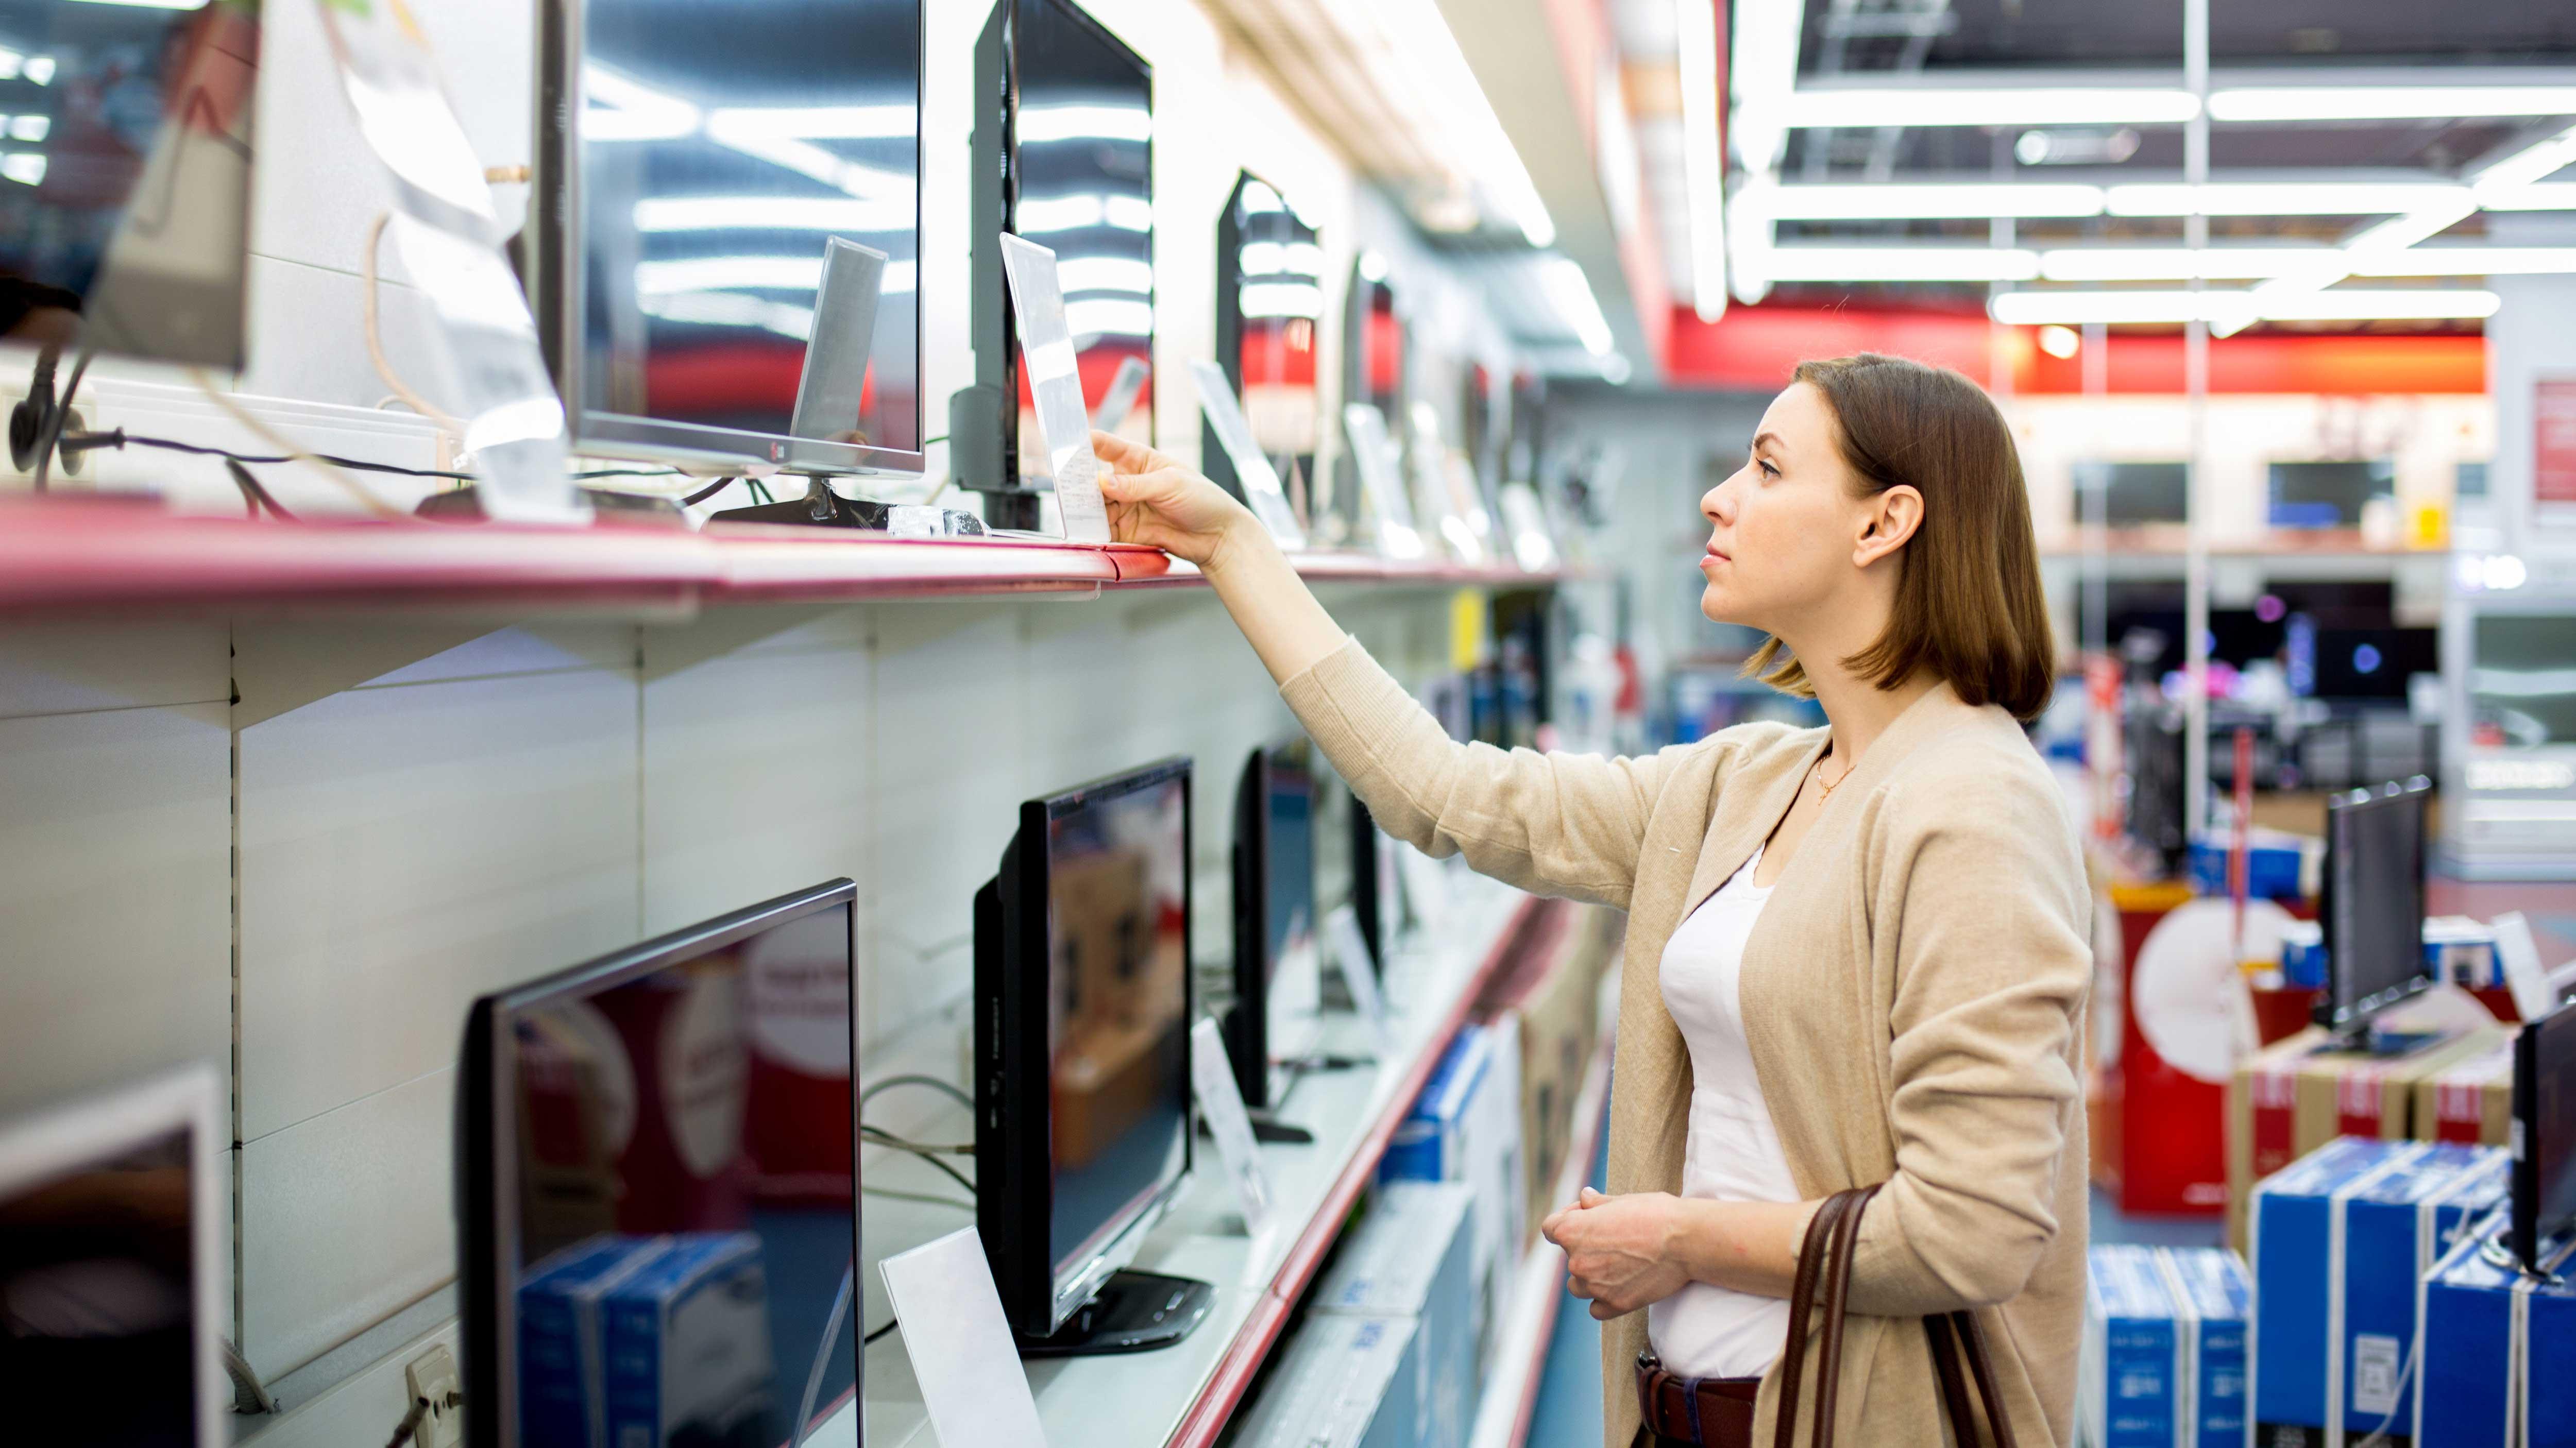 Electro: especialistas y supermercados enfocados en mercado físico